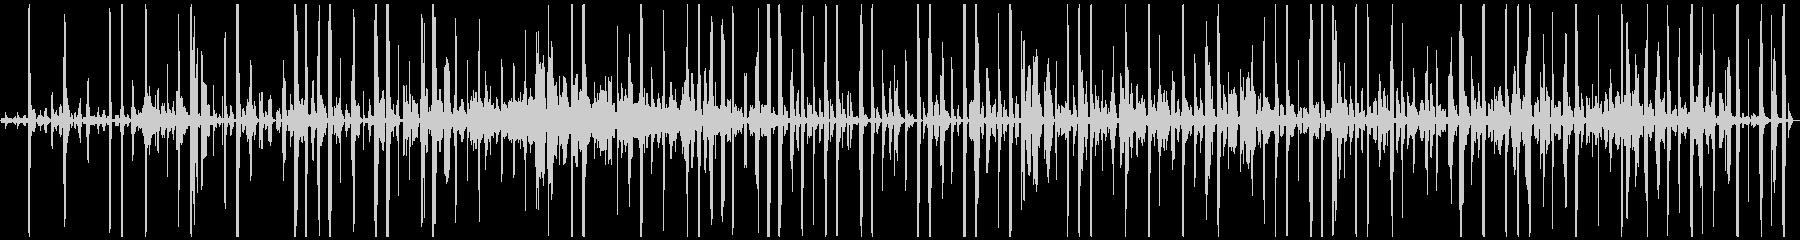 シンセのフィルター。ミステリアス。逆。の未再生の波形